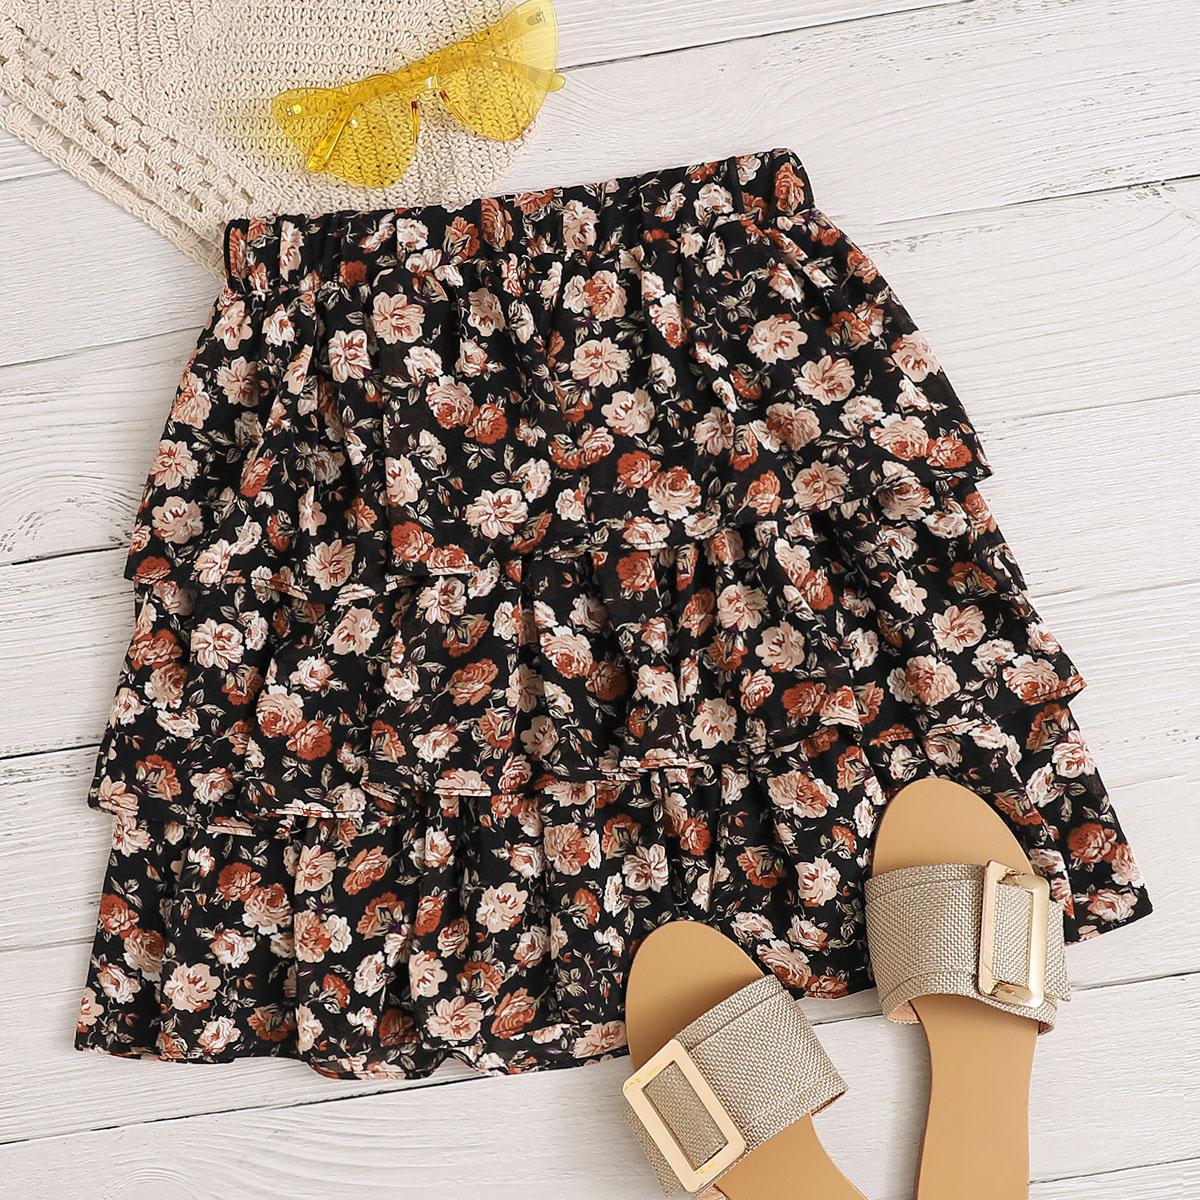 Многослойная юбка с цветочным принтом